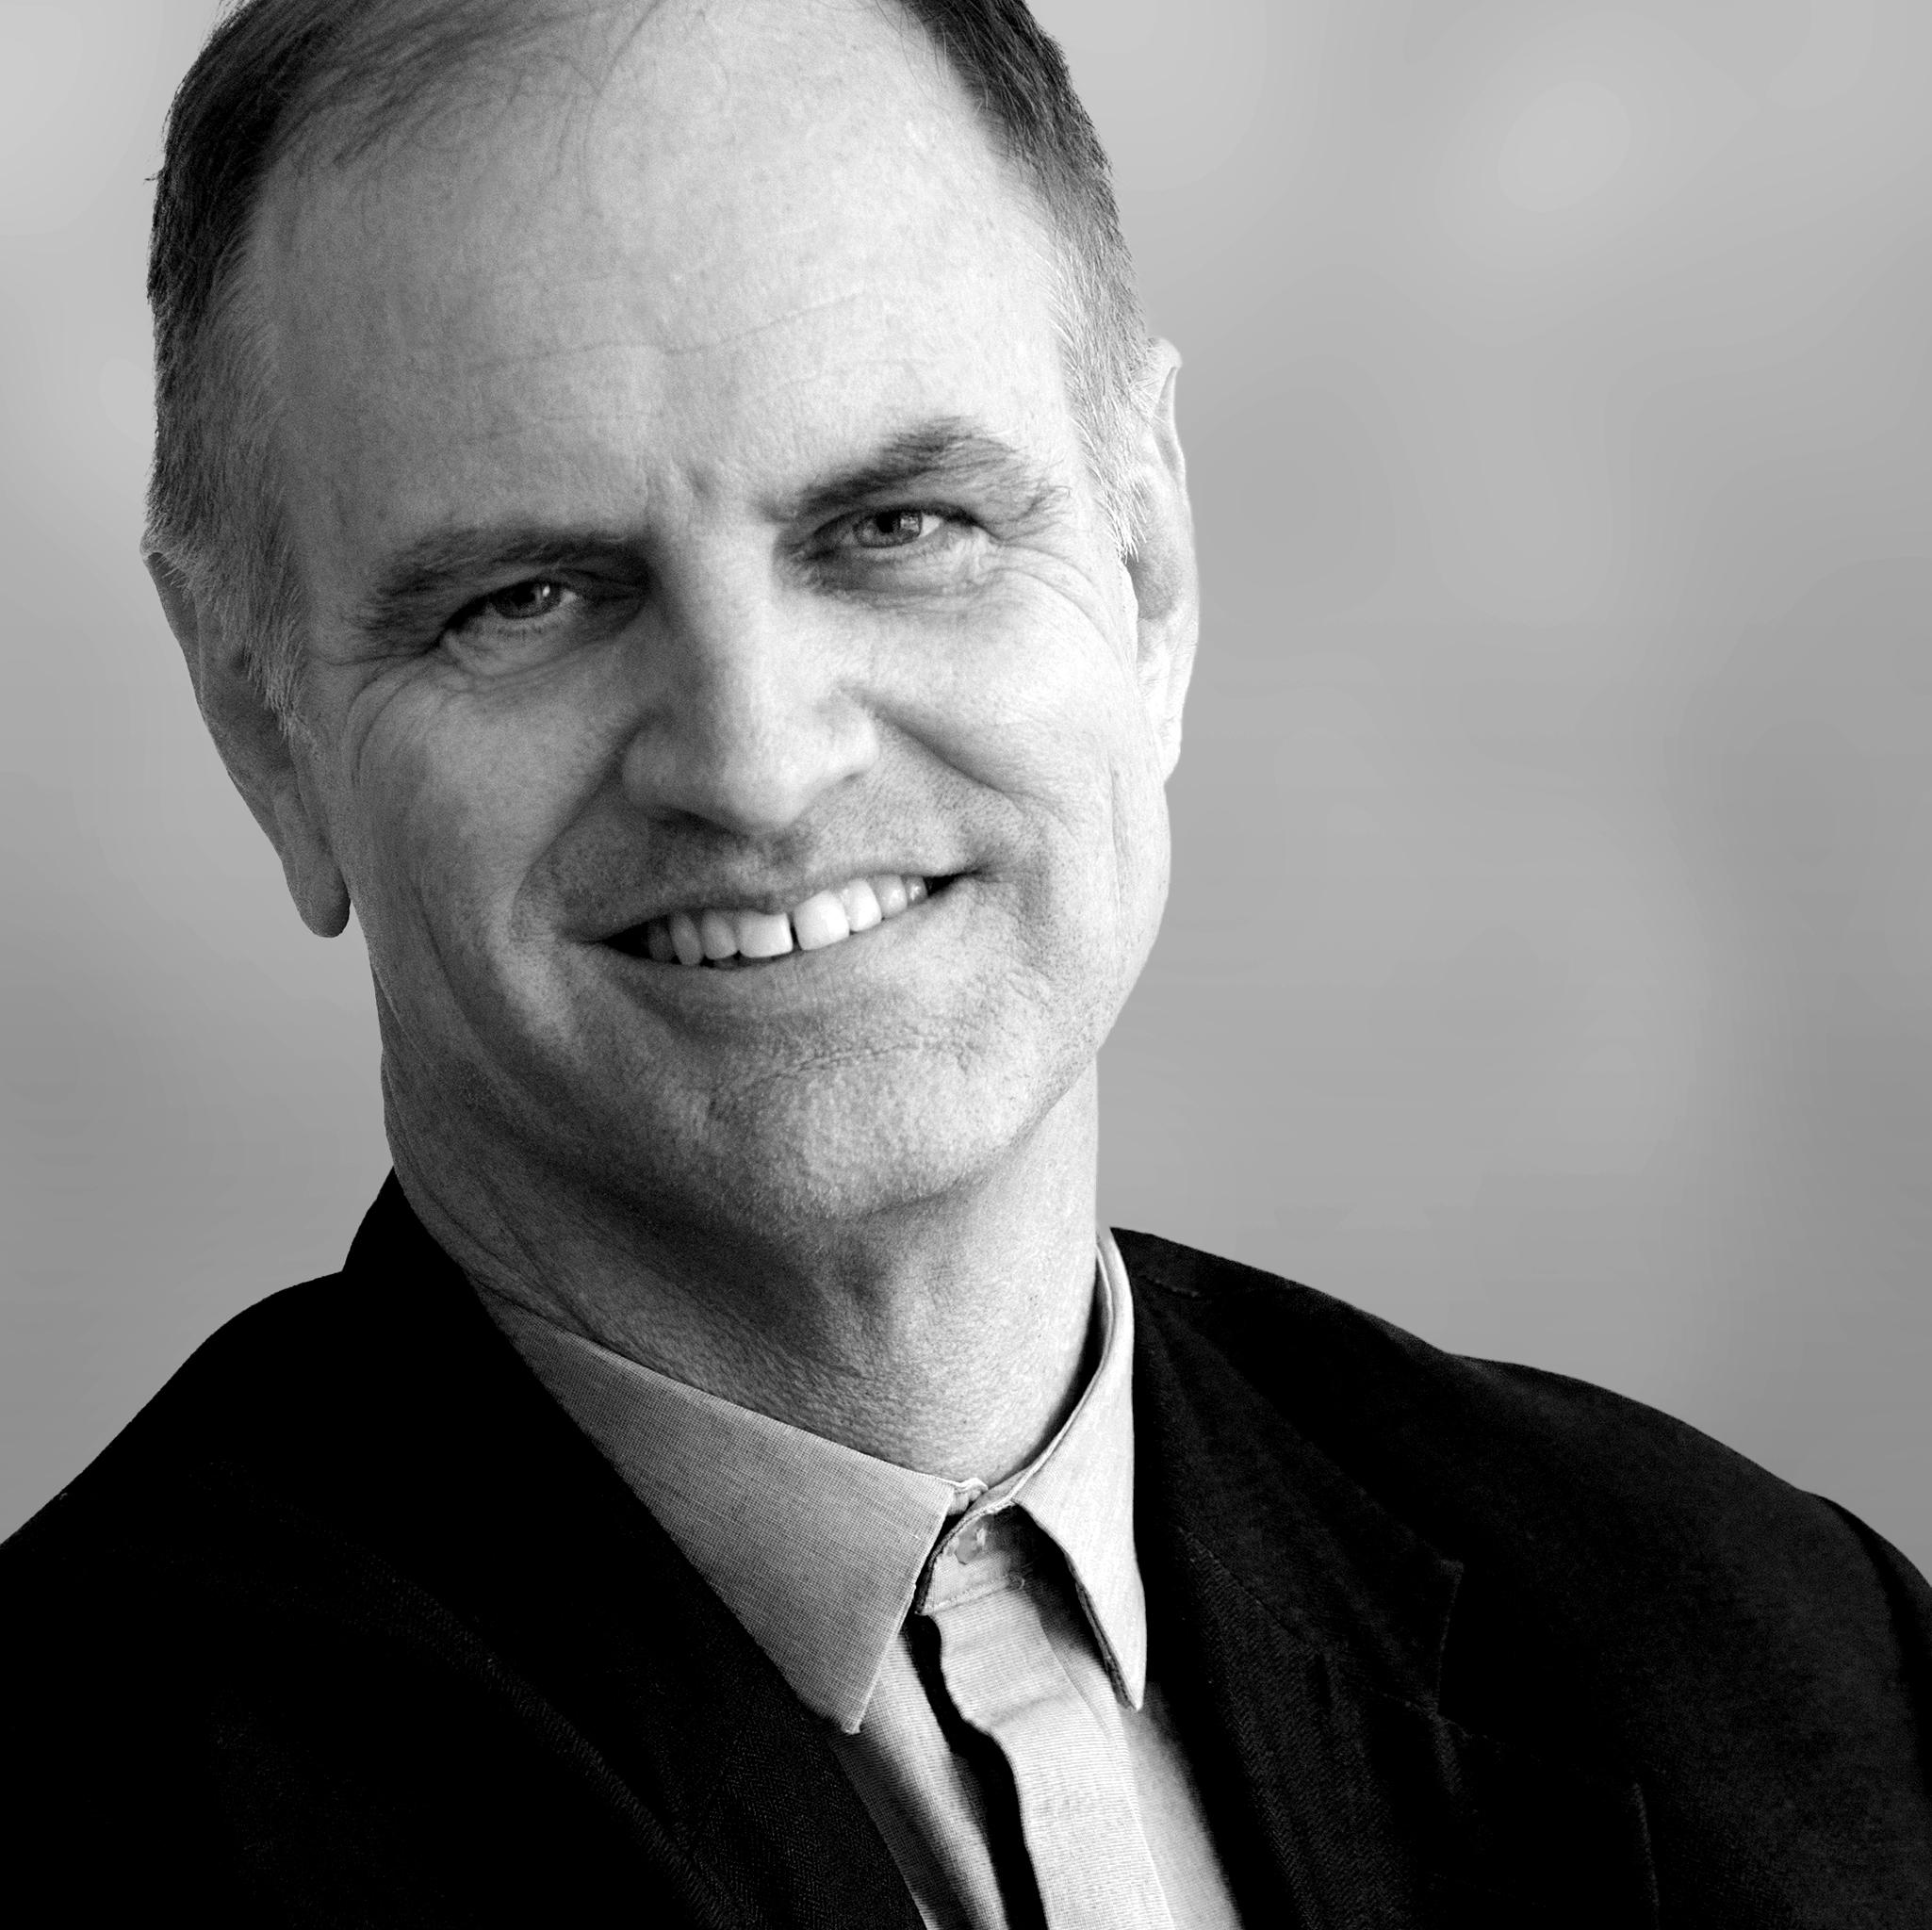 Steve Kuchenski